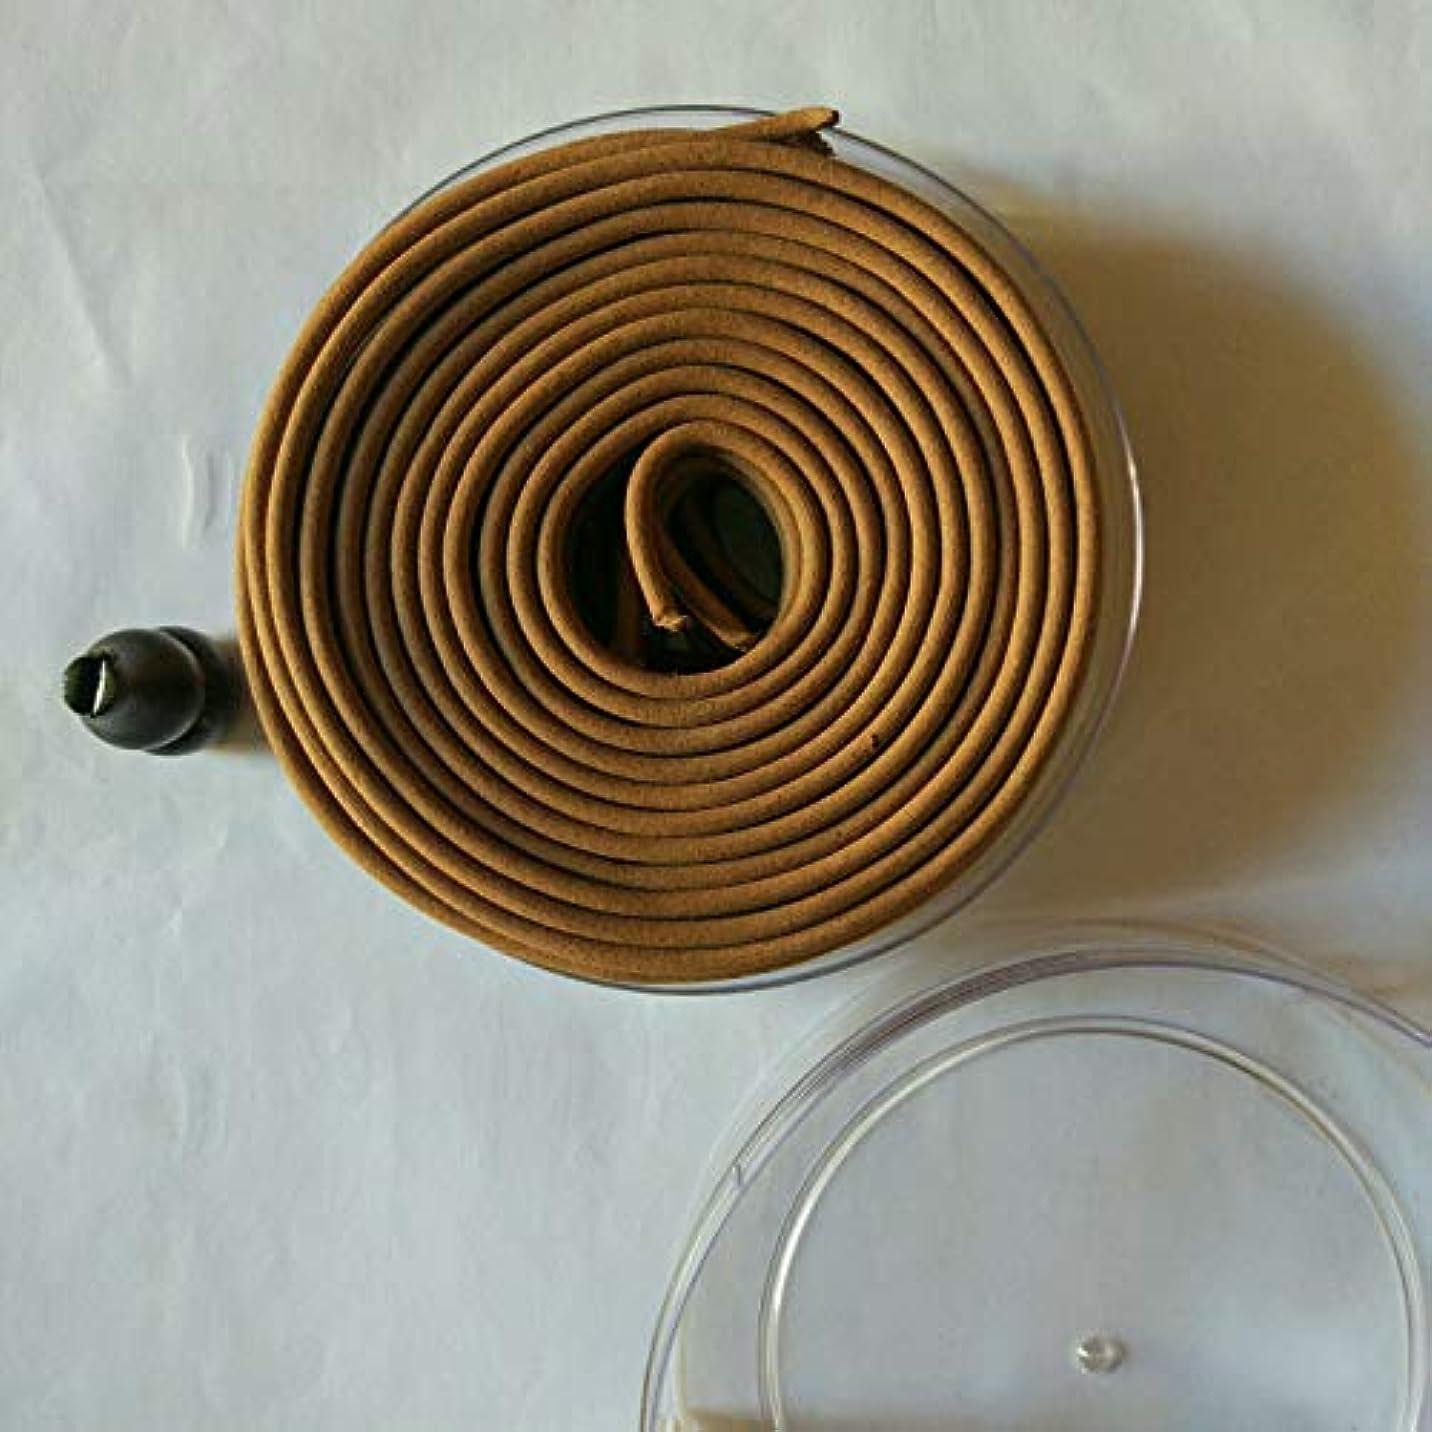 把握ボア針Diatems - 純粋な[ウーShenxiang】コイル香環アロマ香の12時間